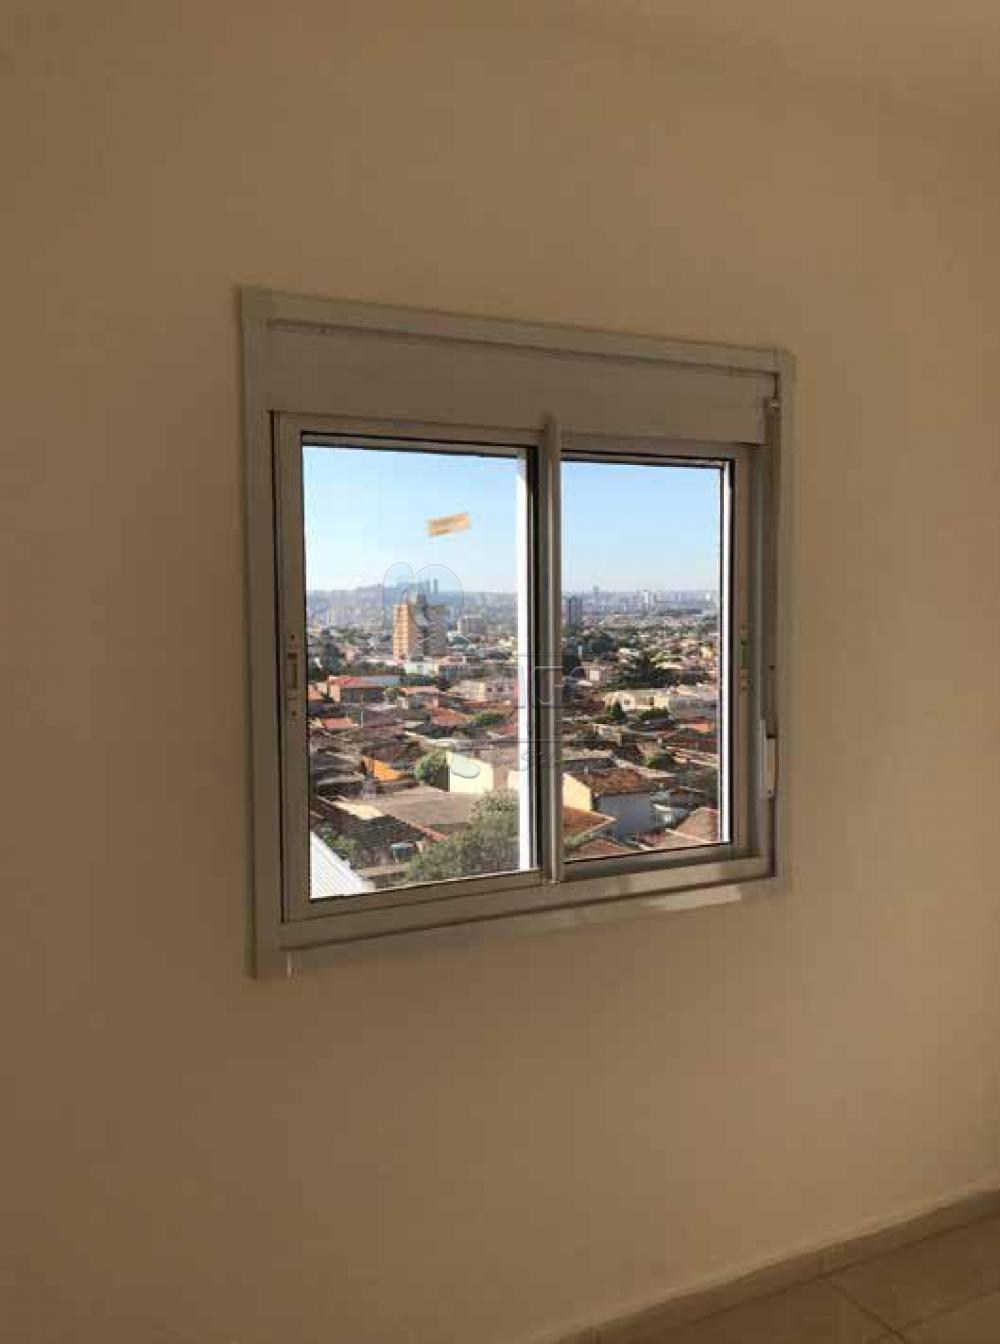 Comprar Apartamento / Padrão em Ribeirão Preto apenas R$ 150.000,00 - Foto 15